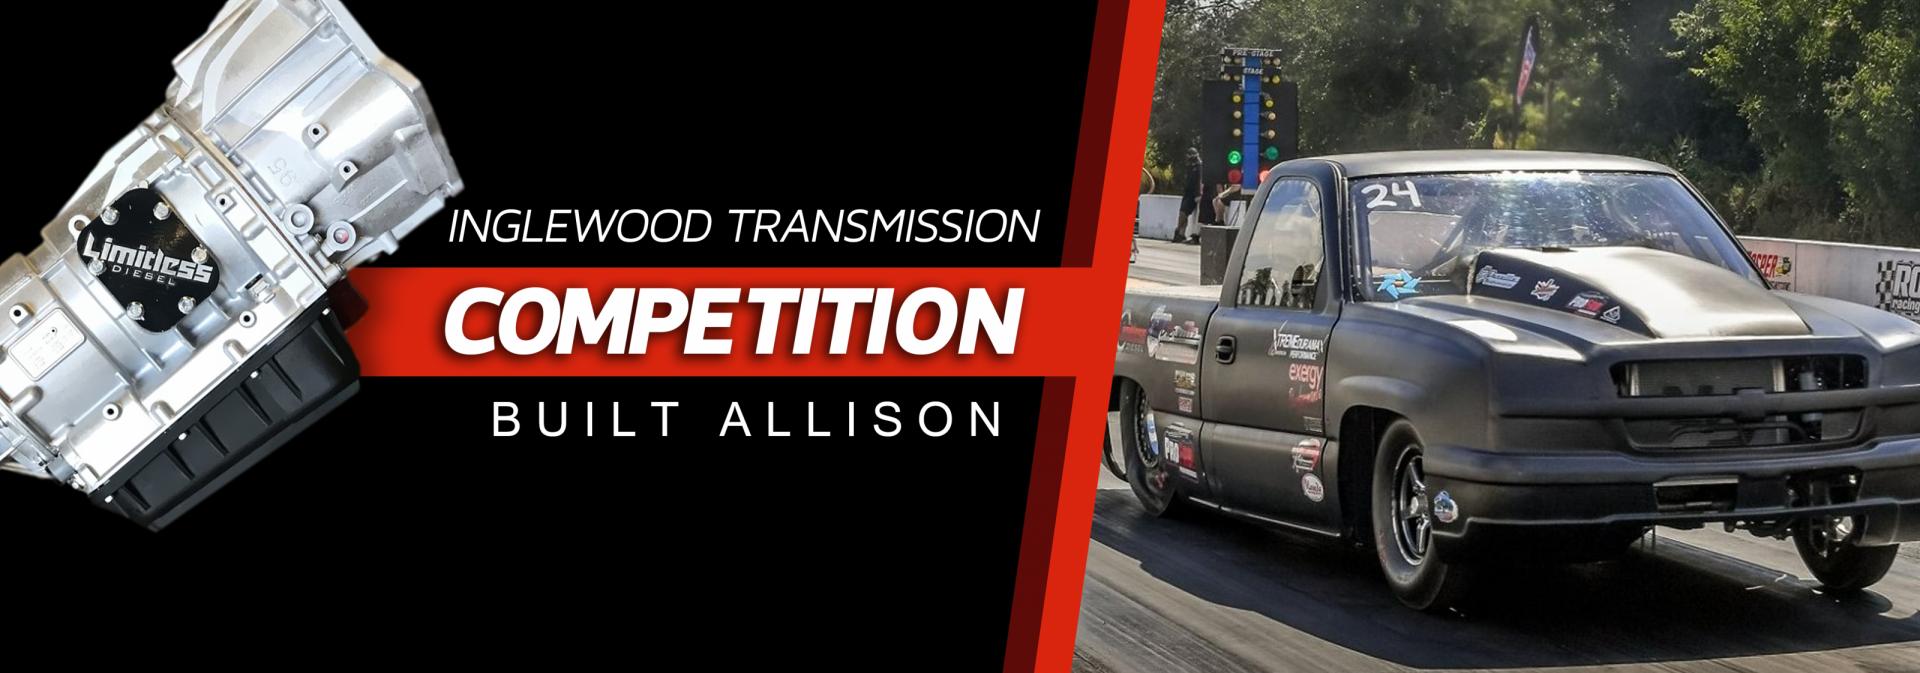 Competition Built Allison